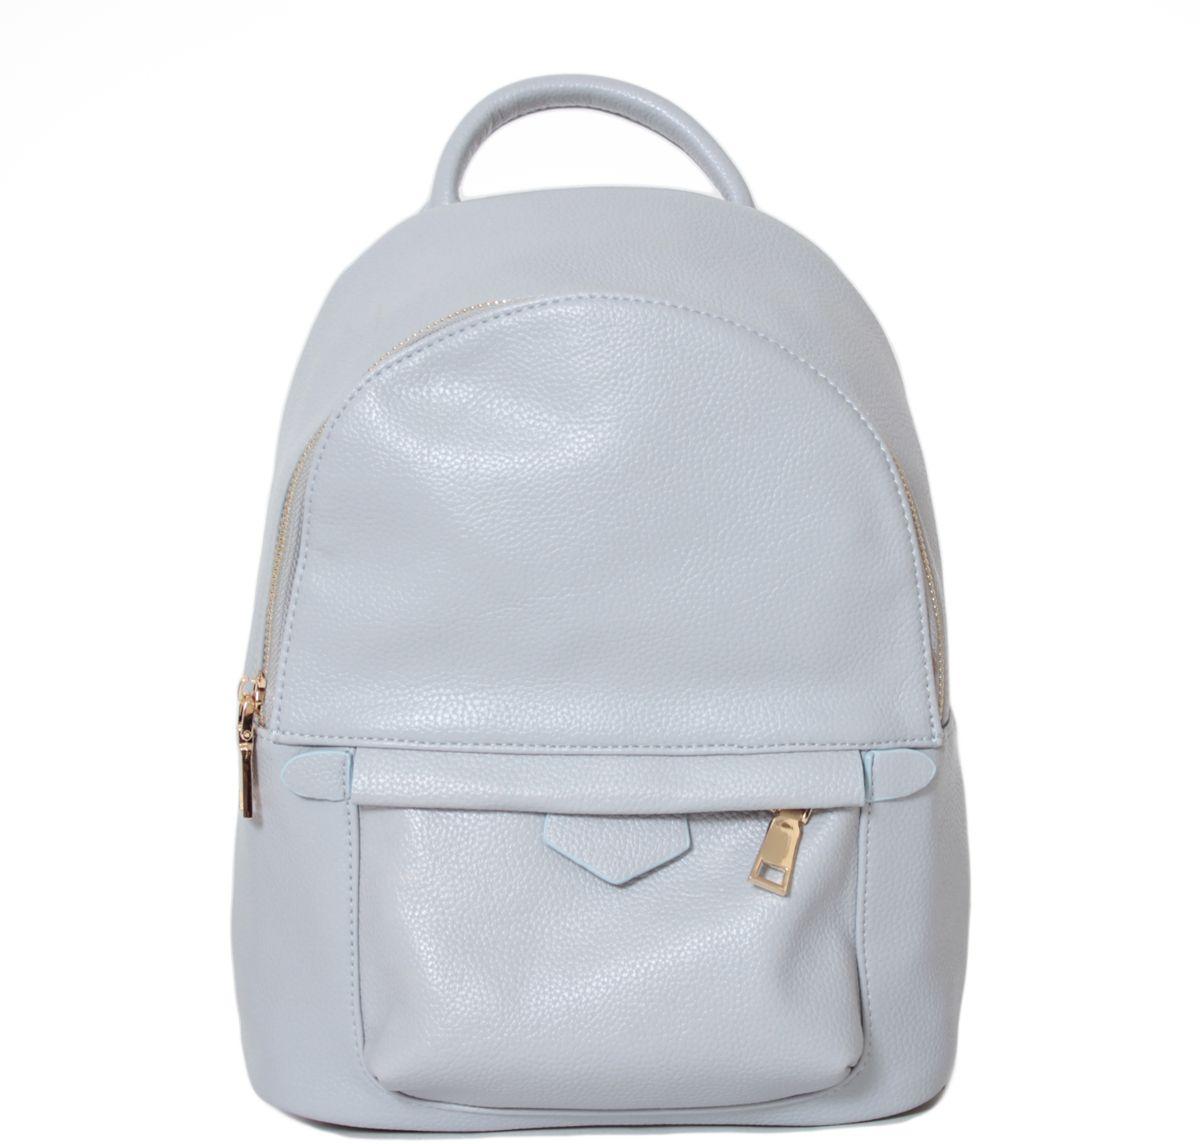 Рюкзак женский Flioraj, цвет: светло-серый. 213823008Рюкзак Flioraj выполнен из высококачественной искусственной кожи. Изделие оснащено ручкой для подвешивания и удобными лямками. На лицевой стороне расположен карман на молнии. Рюкзак закрывается на молнию. Внутри расположено главное вместительное отделение, которое содержит один небольшой карман на молнии и один открытый накладной карман для мелочей.